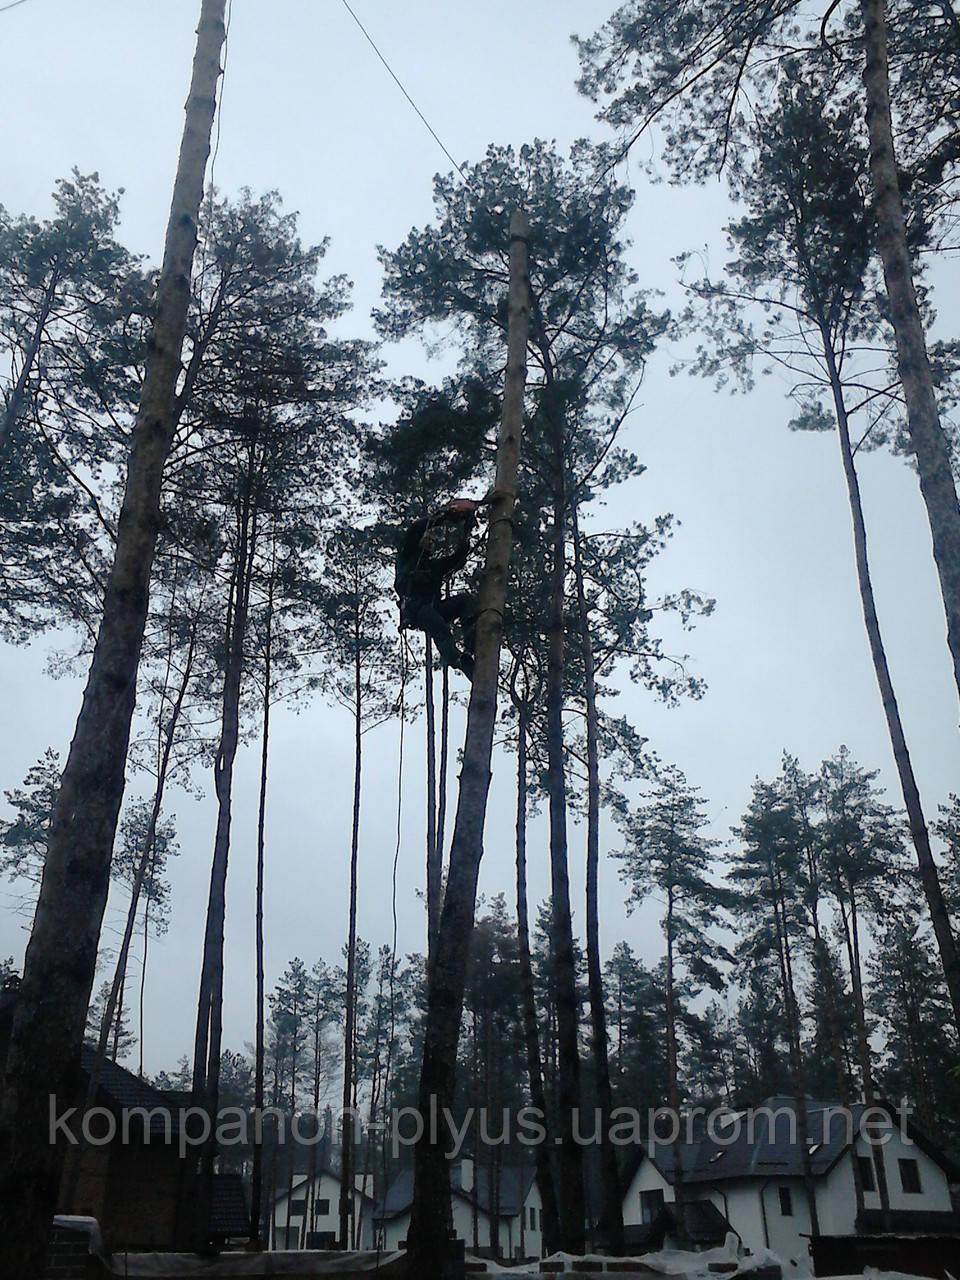 Расчистка участка от деревьев под строительство.